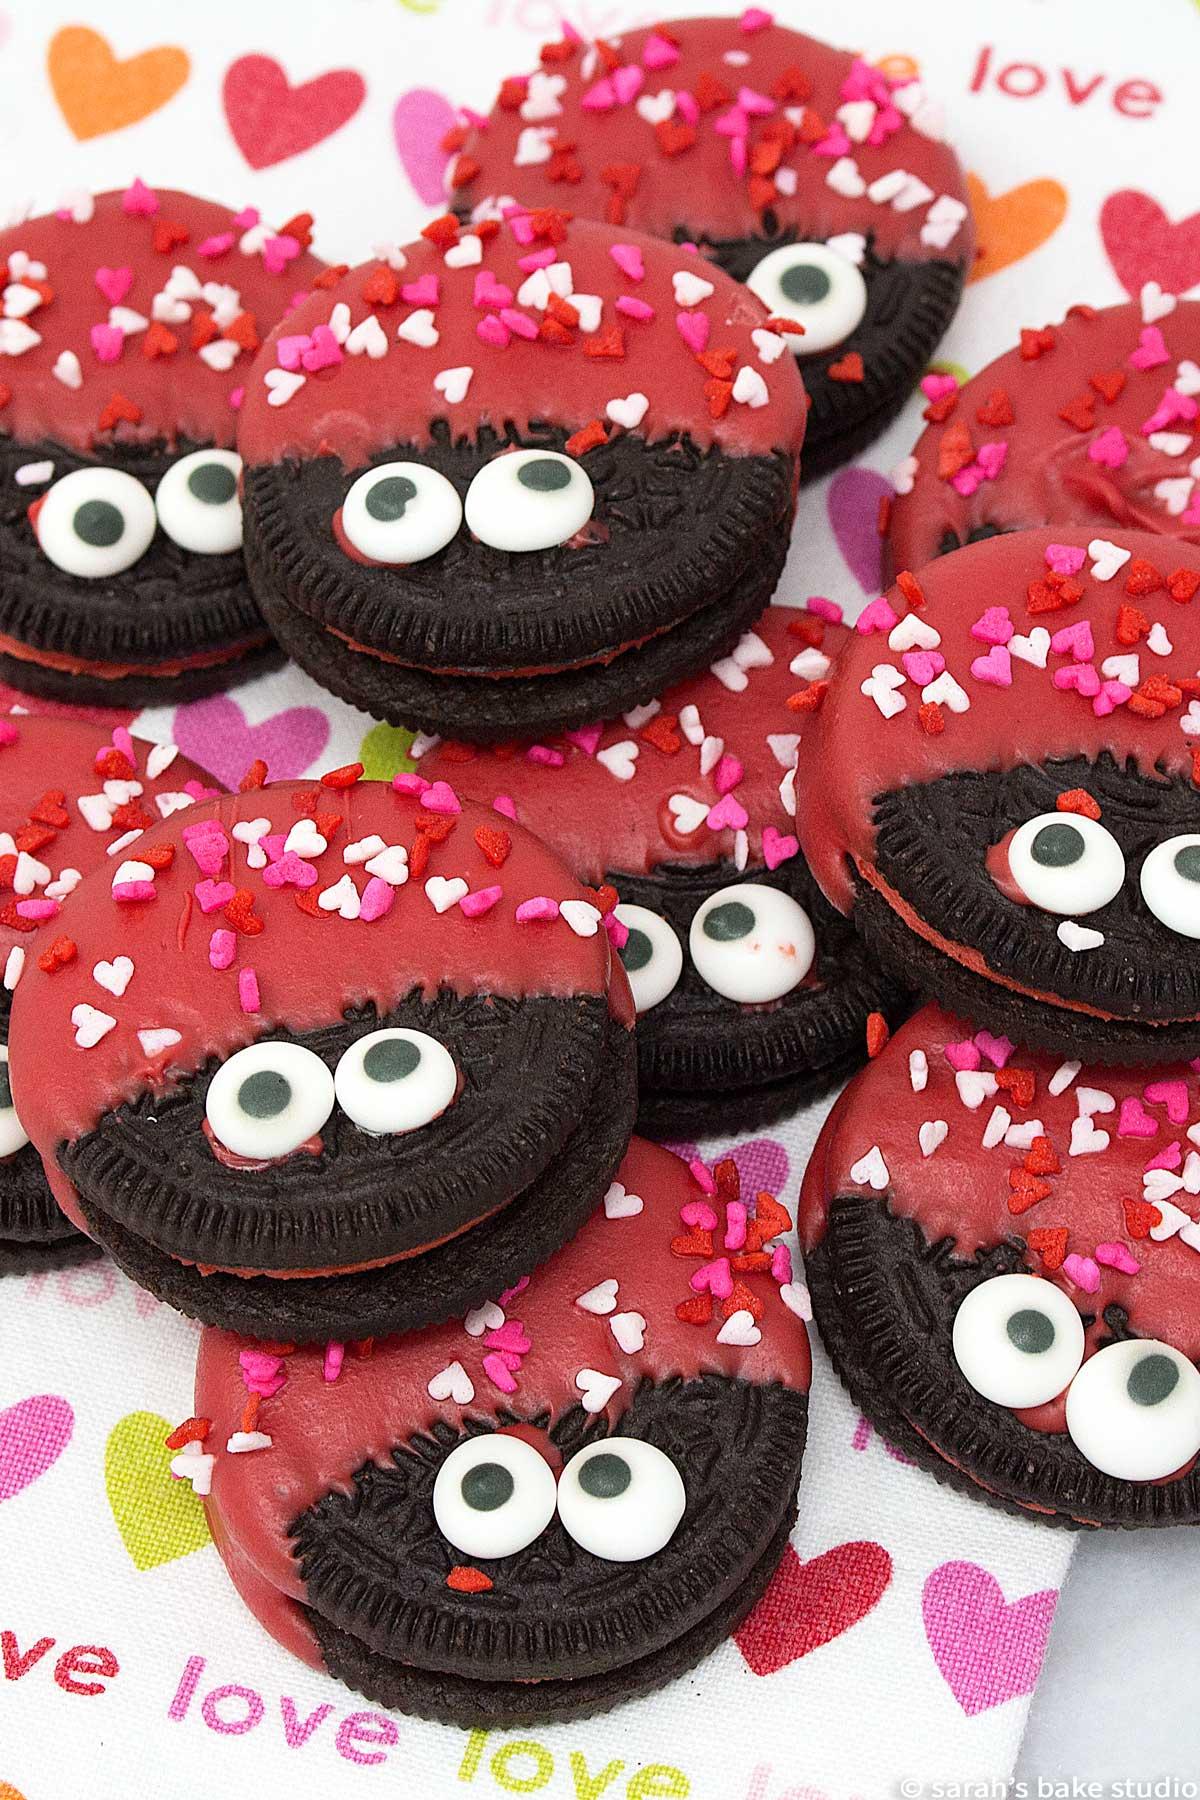 Easy Valentine's Desserts: Love Bug Oreo Cookies